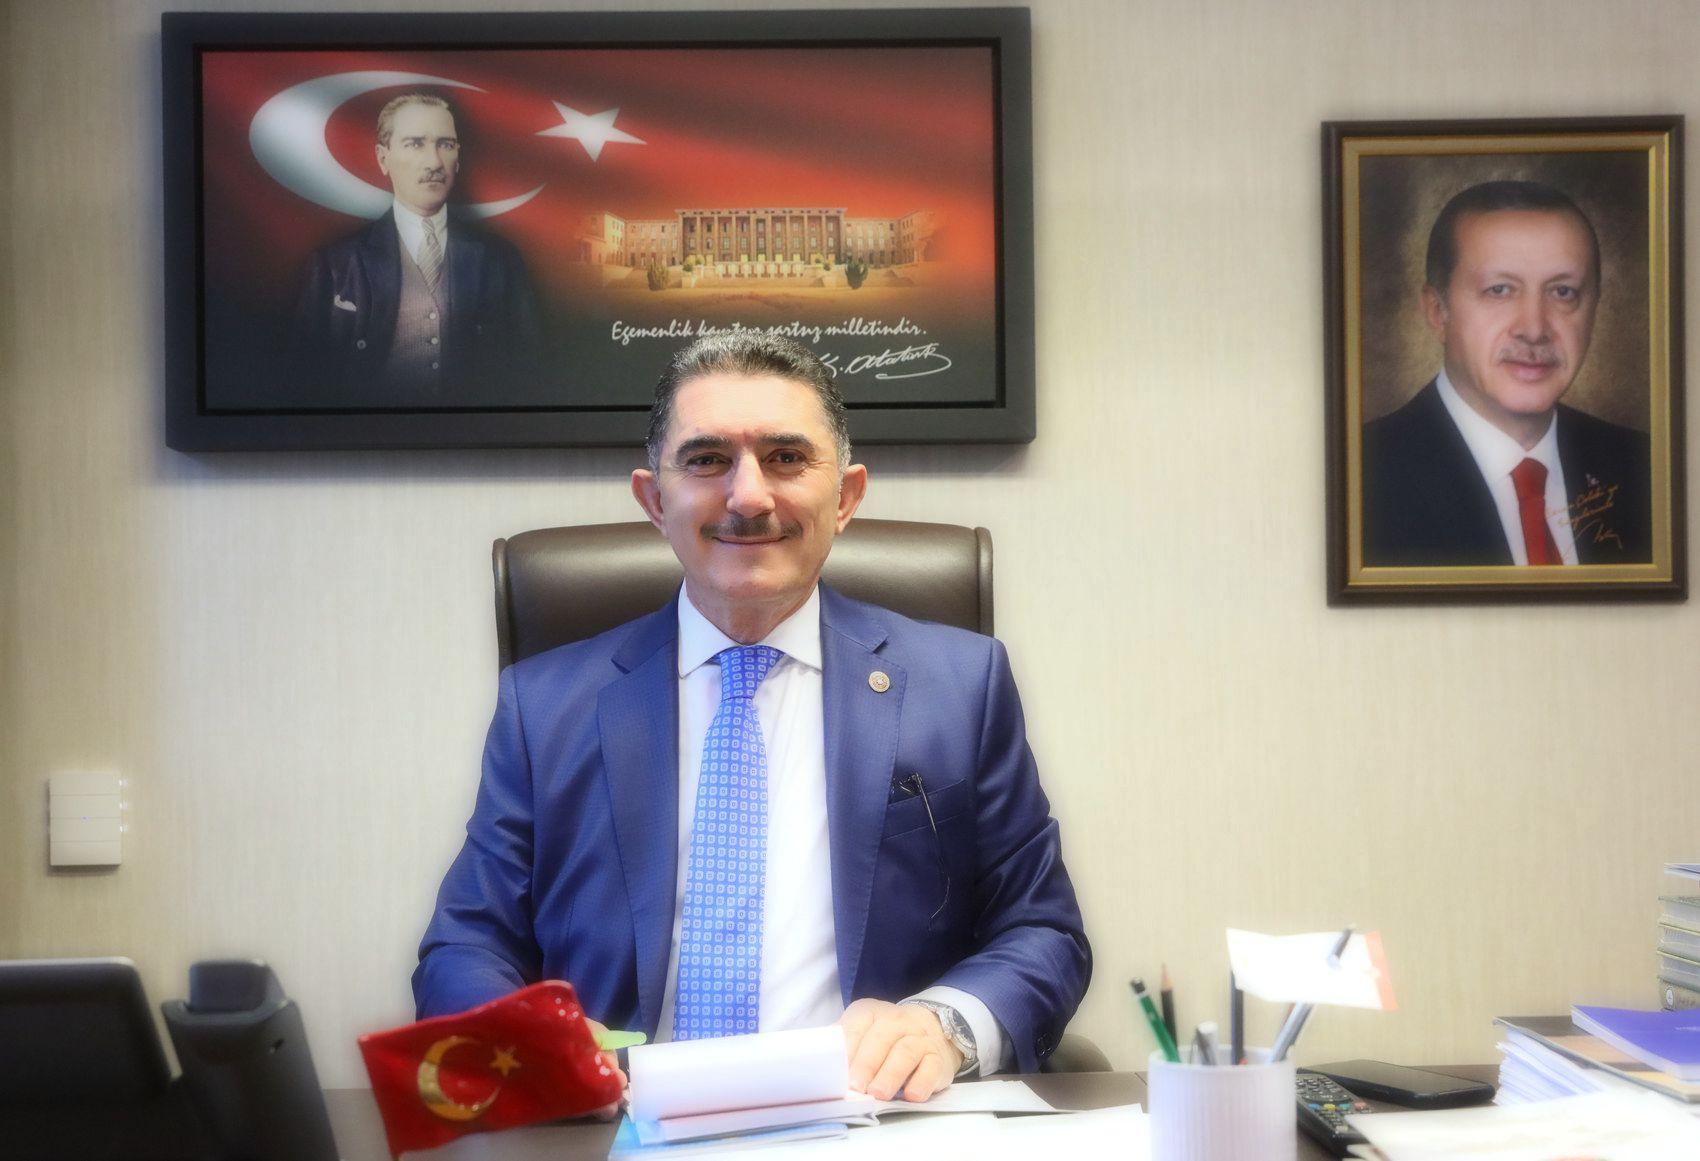 AK Parti Ağrı Milletvekili Ekrem Çelebi, 19 Eylül Gaziler Günü'nü yayınladığı mesajla kutladı.